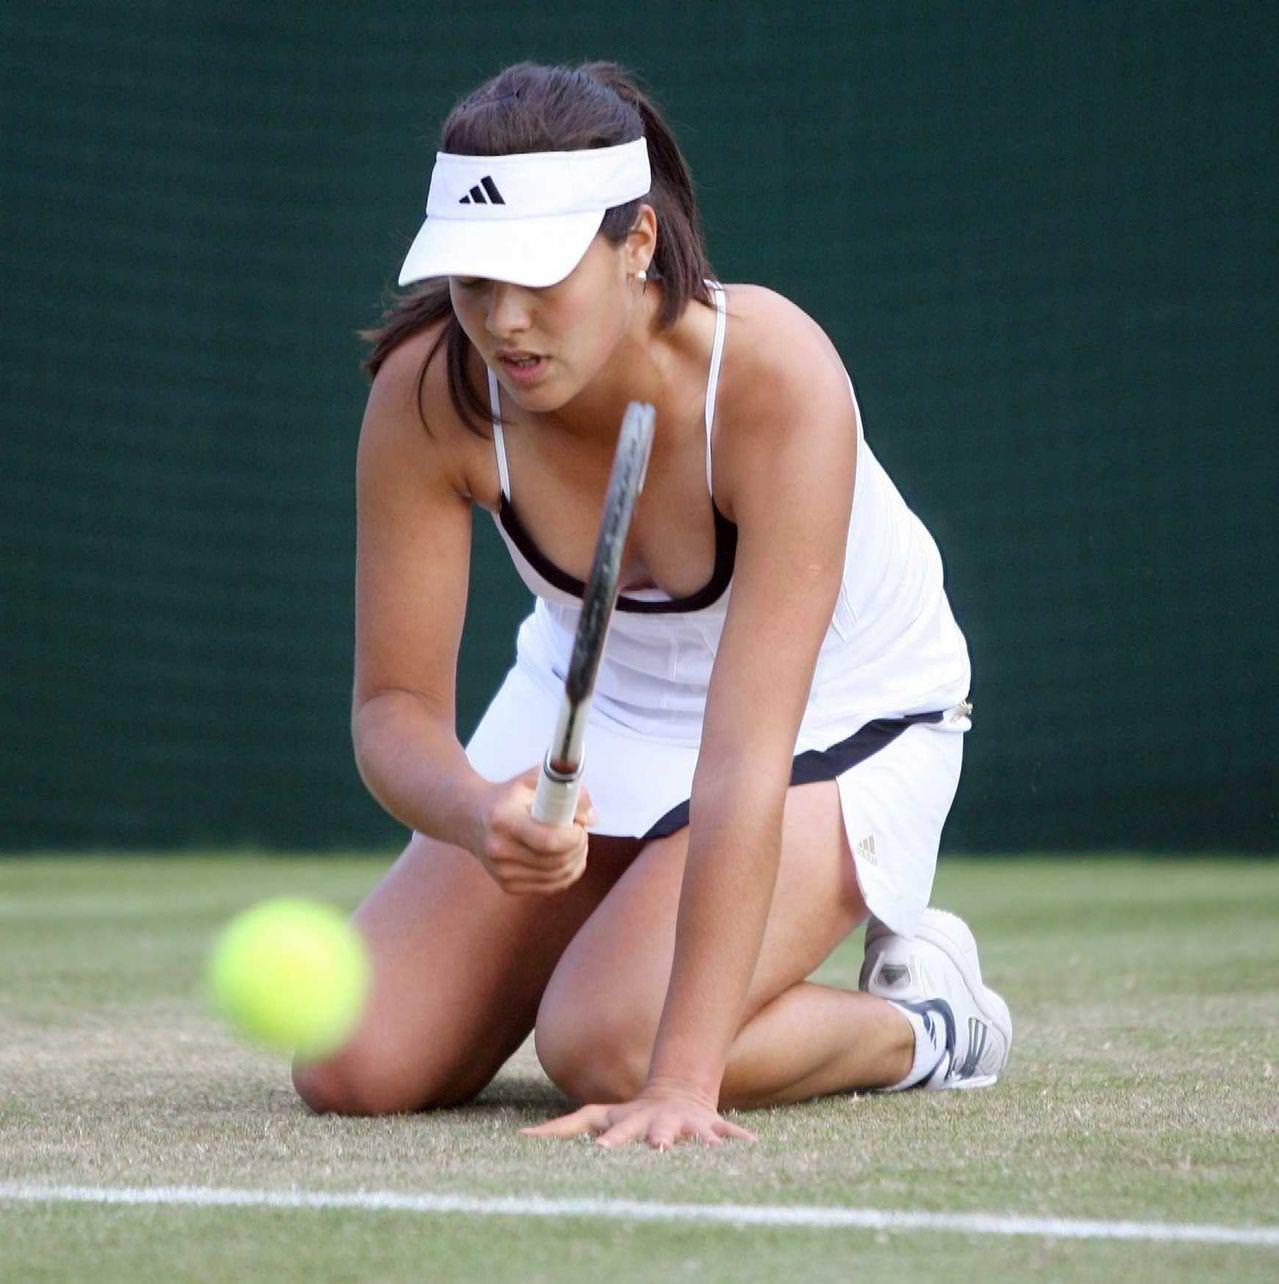 エロすぎる海外の女子テニスプレイヤー 22